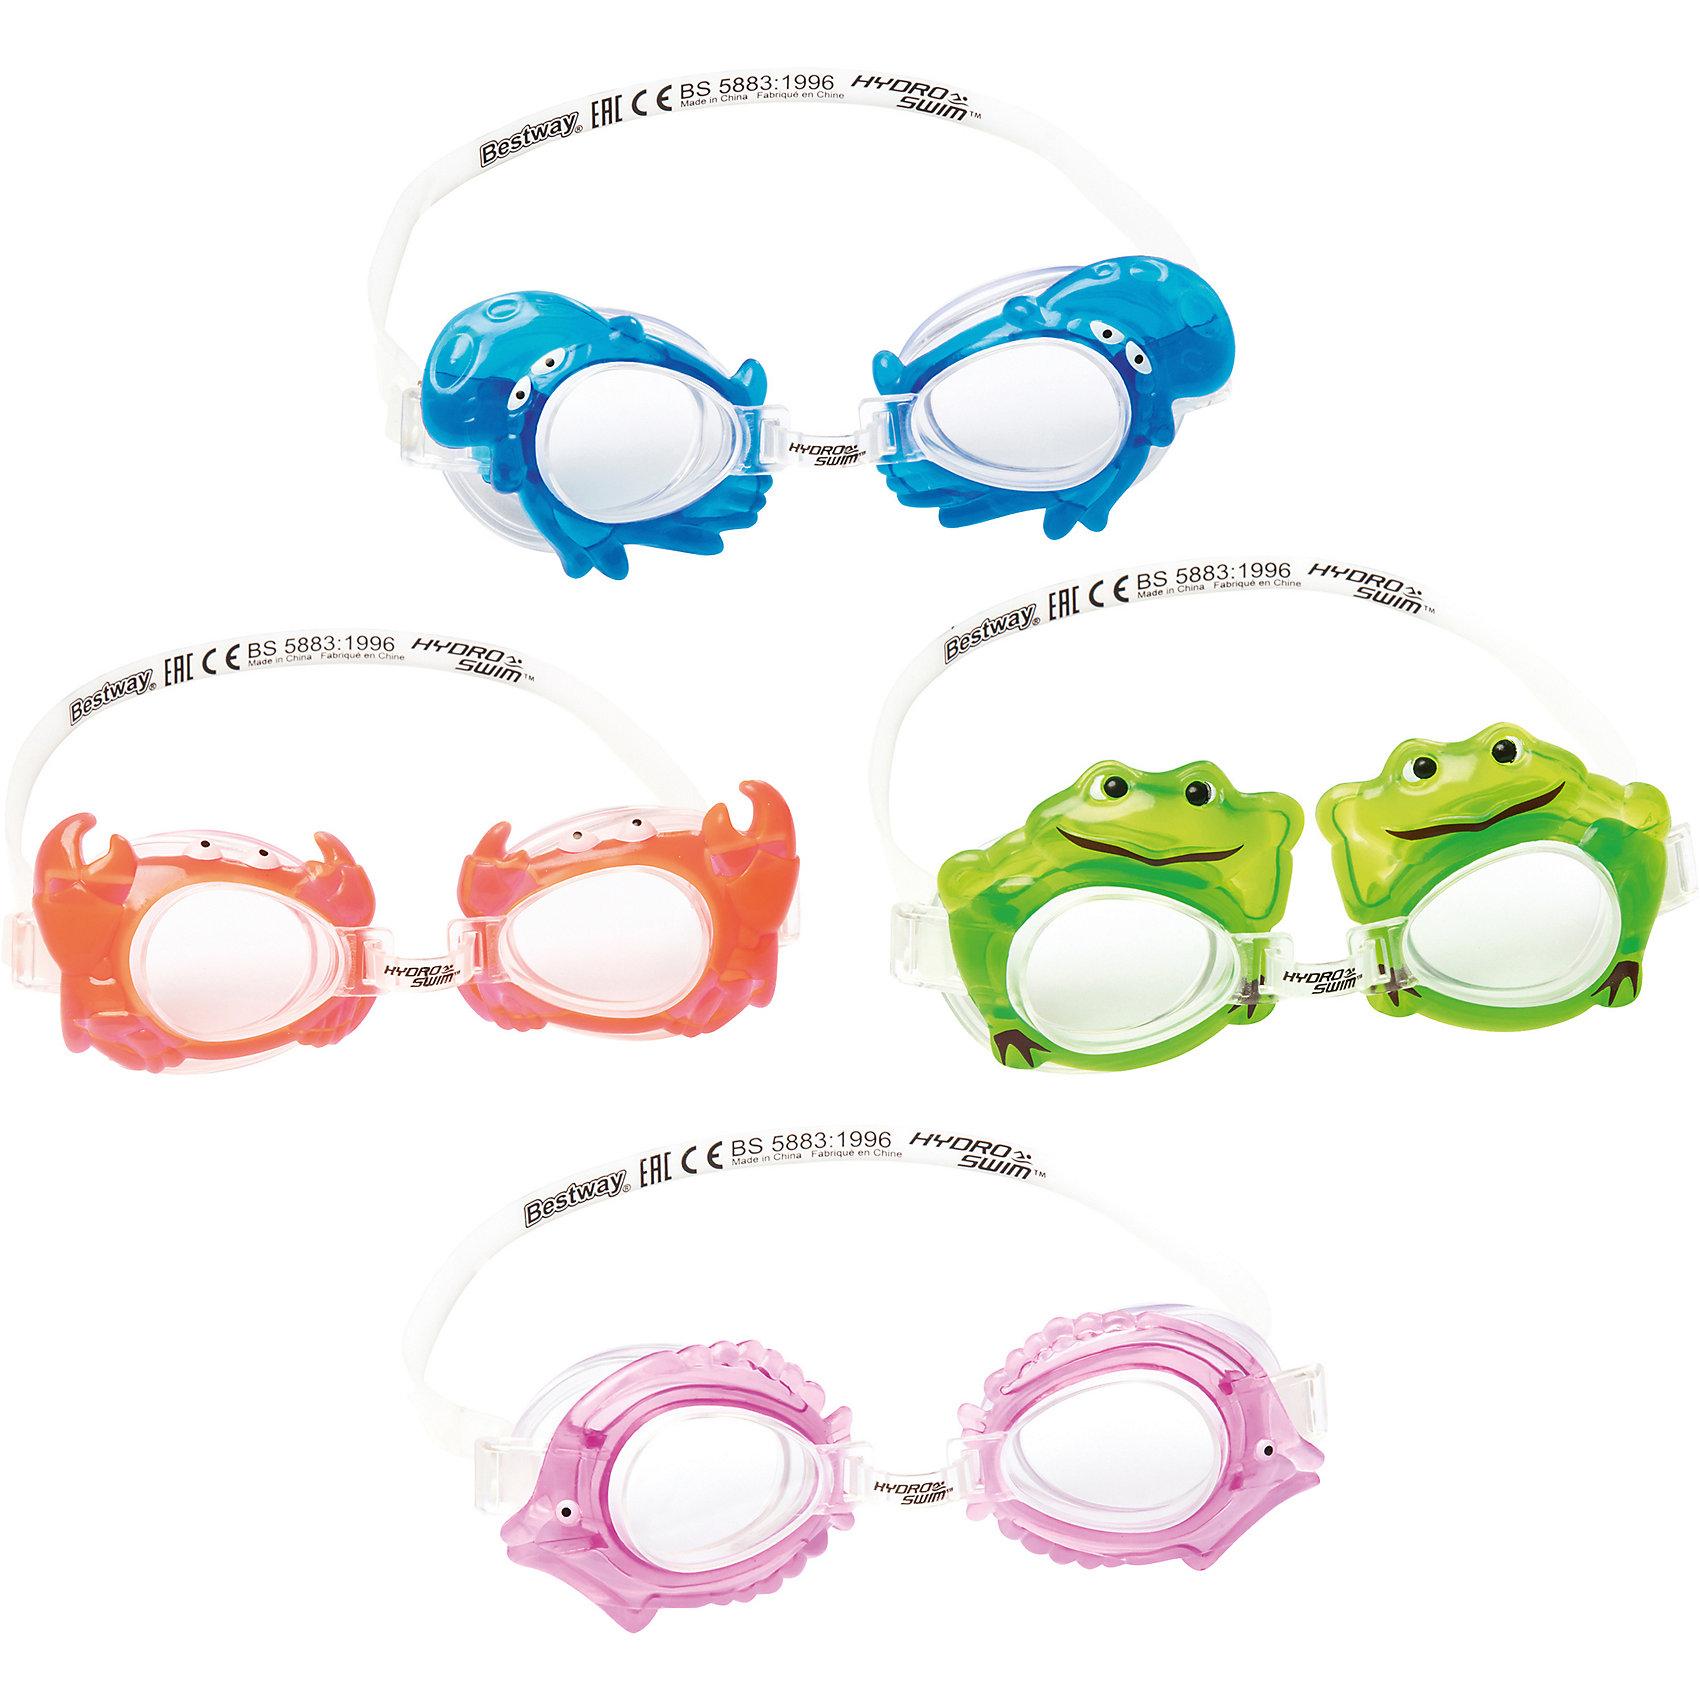 Очки для плавания детские, морские животные в ассортименте, BestwayДетские очки для плавания морские животные, Bestway, замечательно подойдут тем, кто только учится плавать. Очки выполнены в оригинальном дизайне в форме морских обитателей. Качественный ударопрочный материал не раздражает кожу и полностью безопасен для детского<br>здоровья. Очки оснащены линзами со специальным покрытием для предотвращения запотевания, плотно прилегают к лицу и надёжно фиксируются регулируемым ремешком. Оправа из гипоаллергенного и мягкого на ощупь термопластика обеспечивают комфорт во время использования. В ассортименте 4 дизайна в виде морских животных. Подходит для детей от 3 лет.<br><br>Дополнительная информация:<br><br>- Материал: поликарбонат, резина/латекс.<br>- Размер упаковки: 20 х 10 х 3 см.<br>- Вес: 17 гр.<br><br>Очки для плавания детские, морские животные в ассортименте, Bestway, можно купить в нашем интернет-магазине.<br><br>ВНИМАНИЕ! Данный артикул имеется в наличии в разных вариантах исполнения. Заранее выбрать определенный вариант нельзя. При заказе нескольких наборов возможно получение одинаковых.<br><br>Ширина мм: 2050<br>Глубина мм: 1680<br>Высота мм: 360<br>Вес г: 70<br>Возраст от месяцев: 36<br>Возраст до месяцев: 120<br>Пол: Унисекс<br>Возраст: Детский<br>SKU: 4632805